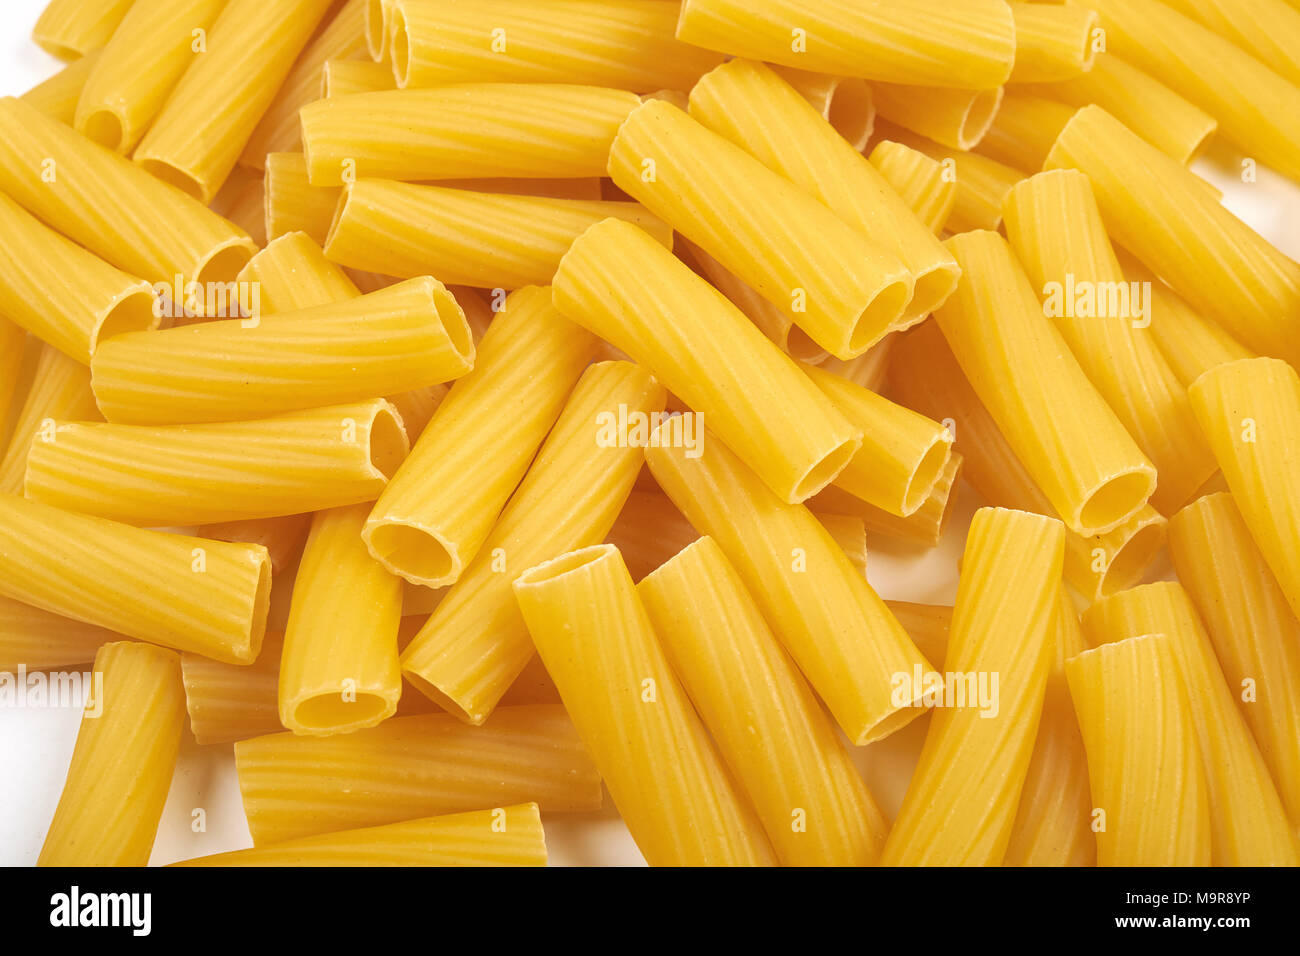 Rigatoni italian pasta isolated on white background Stock Photo